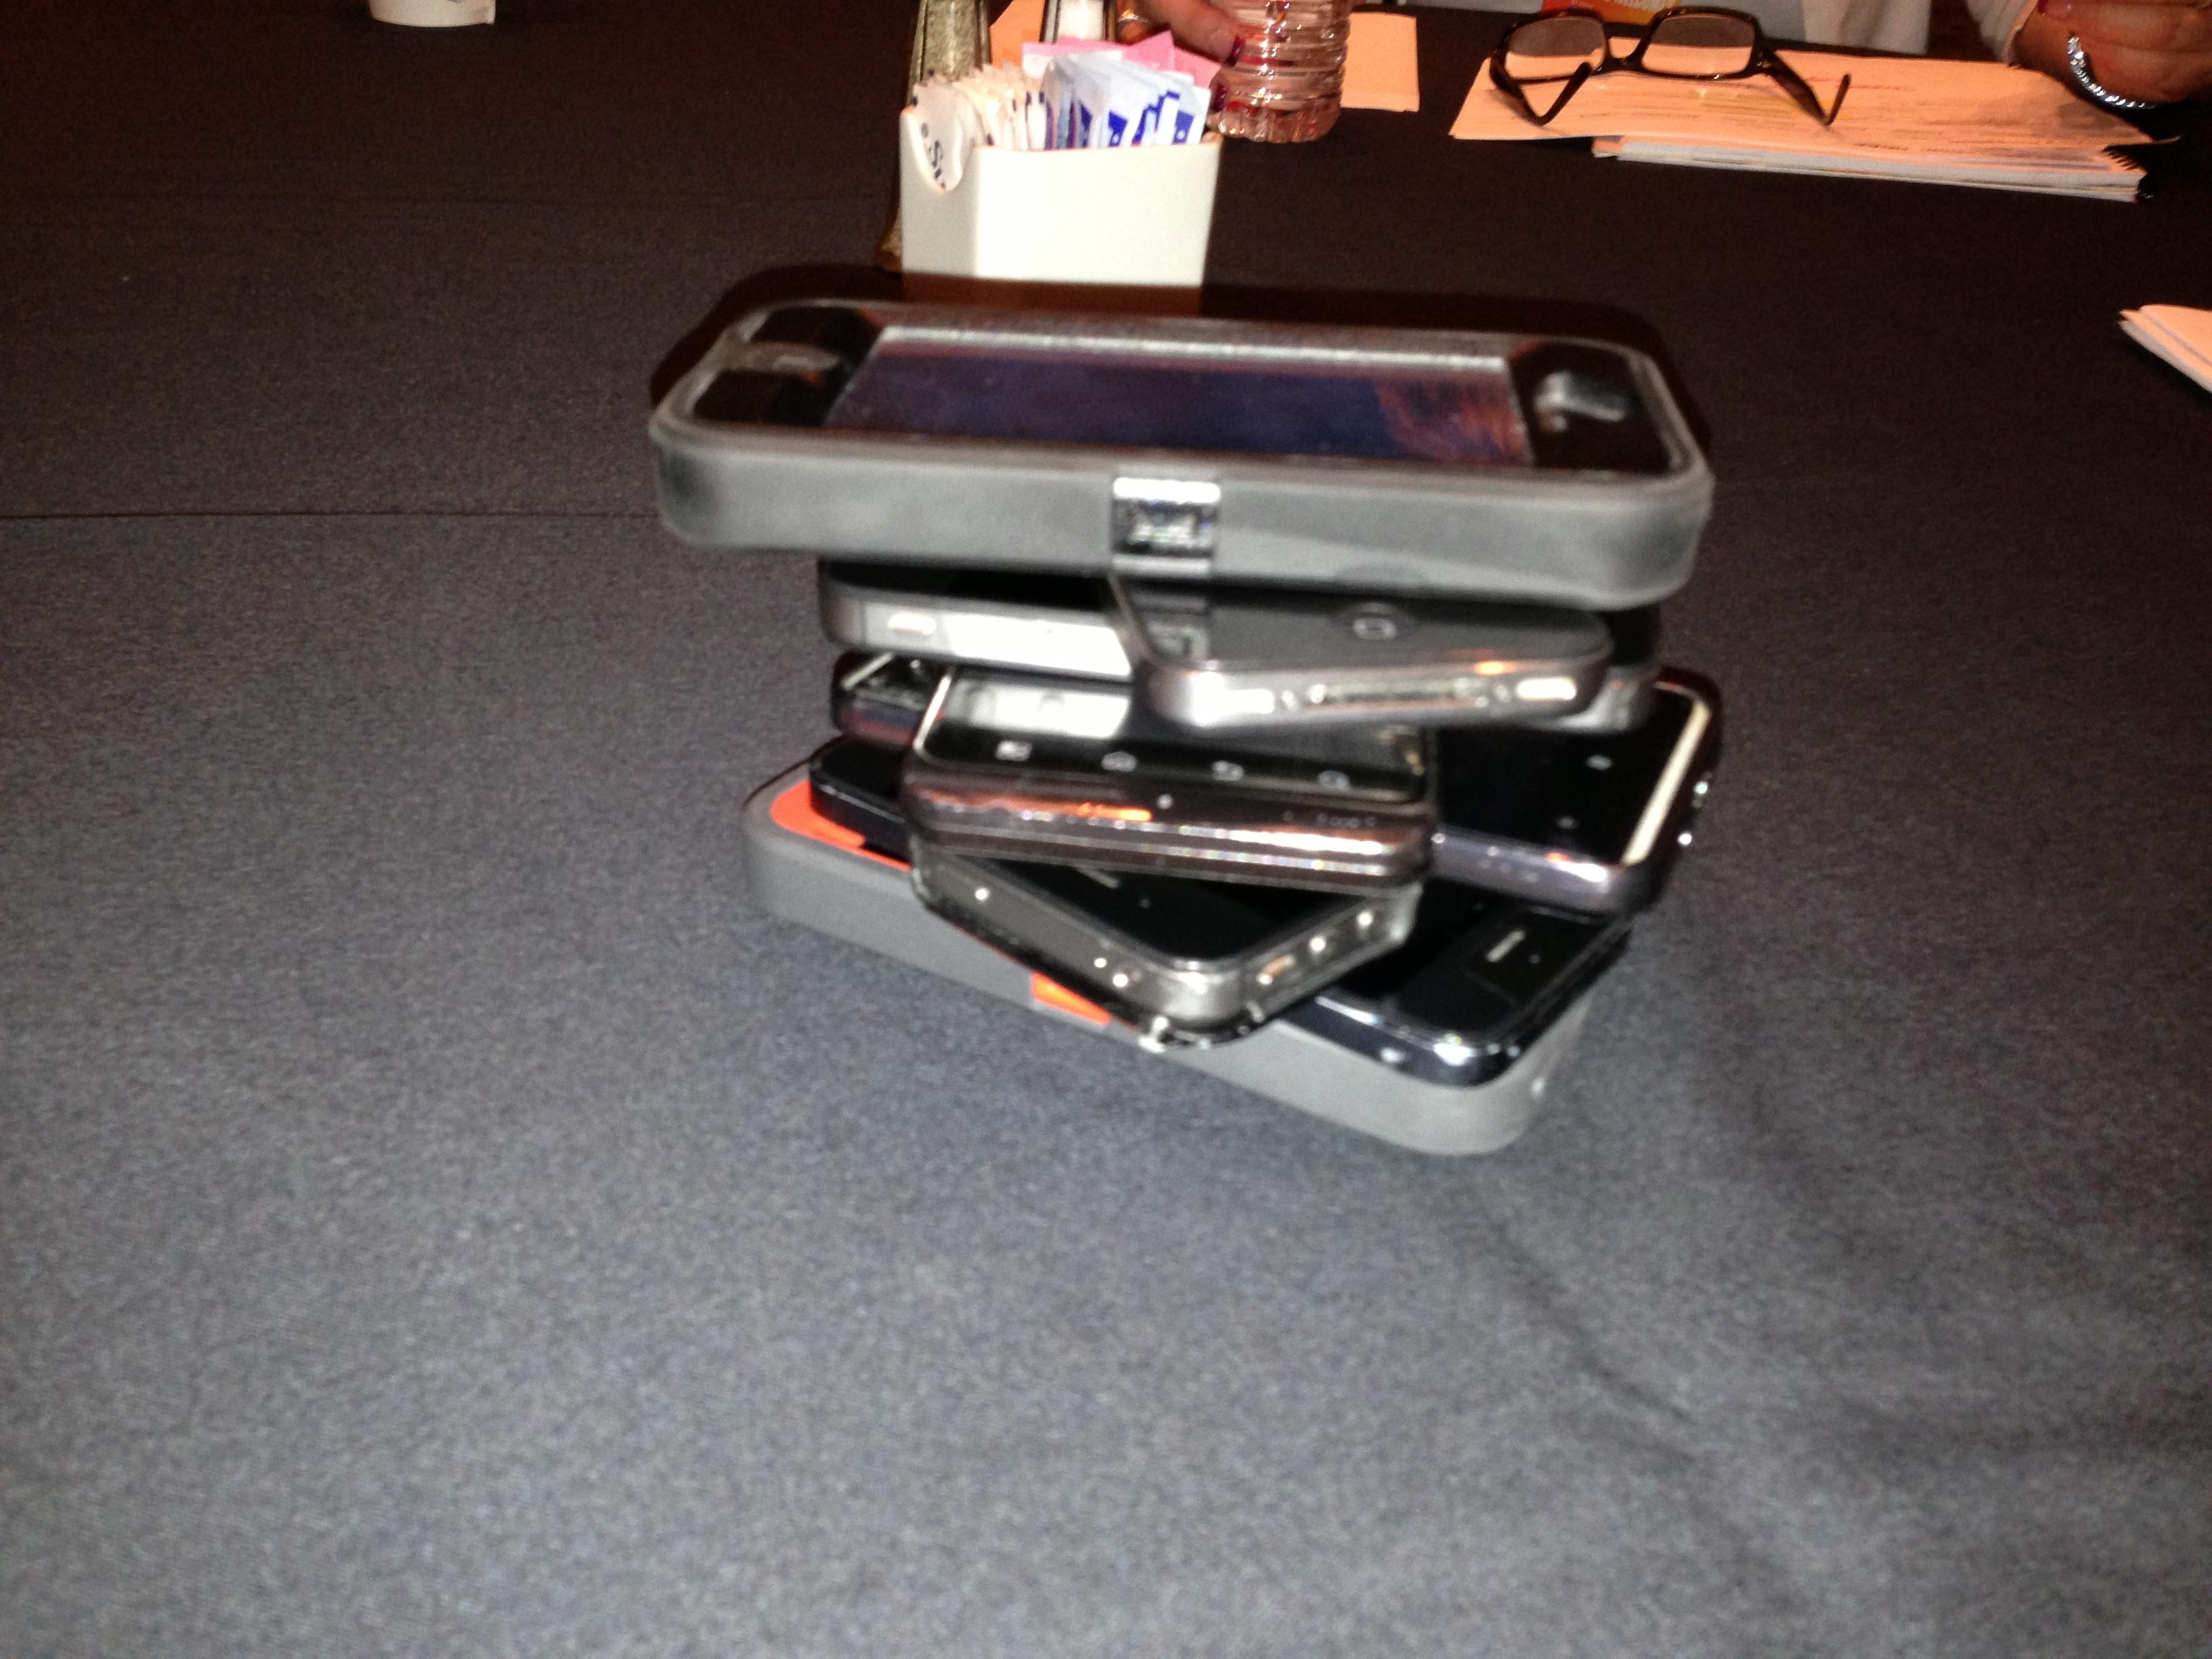 How to stop people using phones in meetings